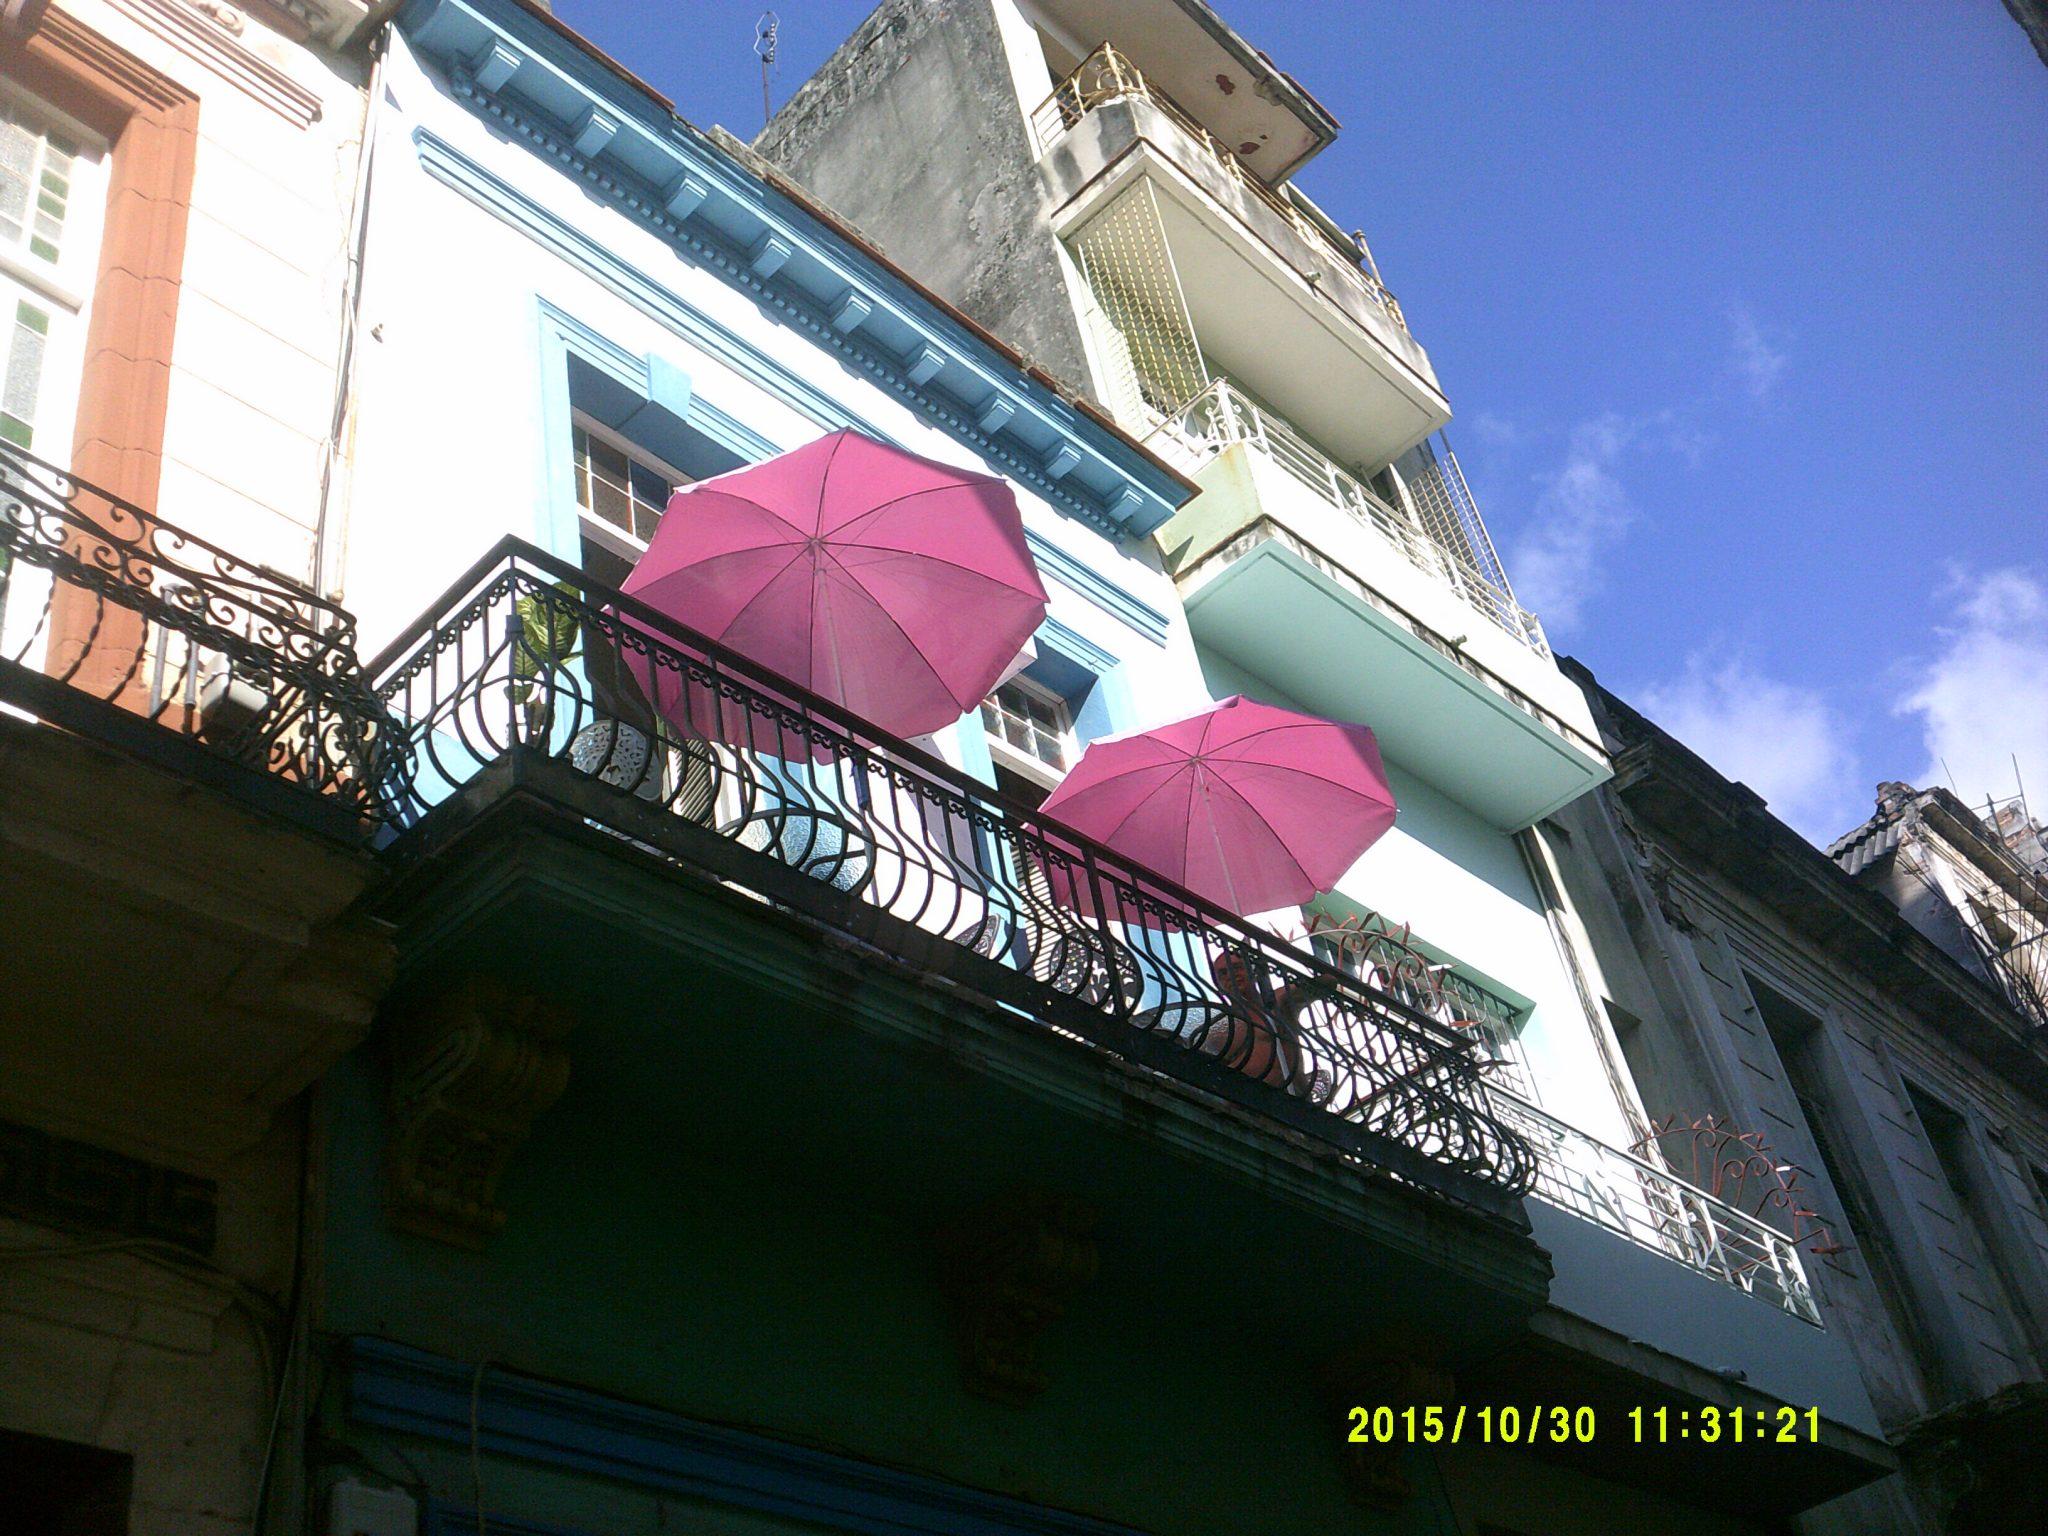 Balkon zu Ihrer Verfügung